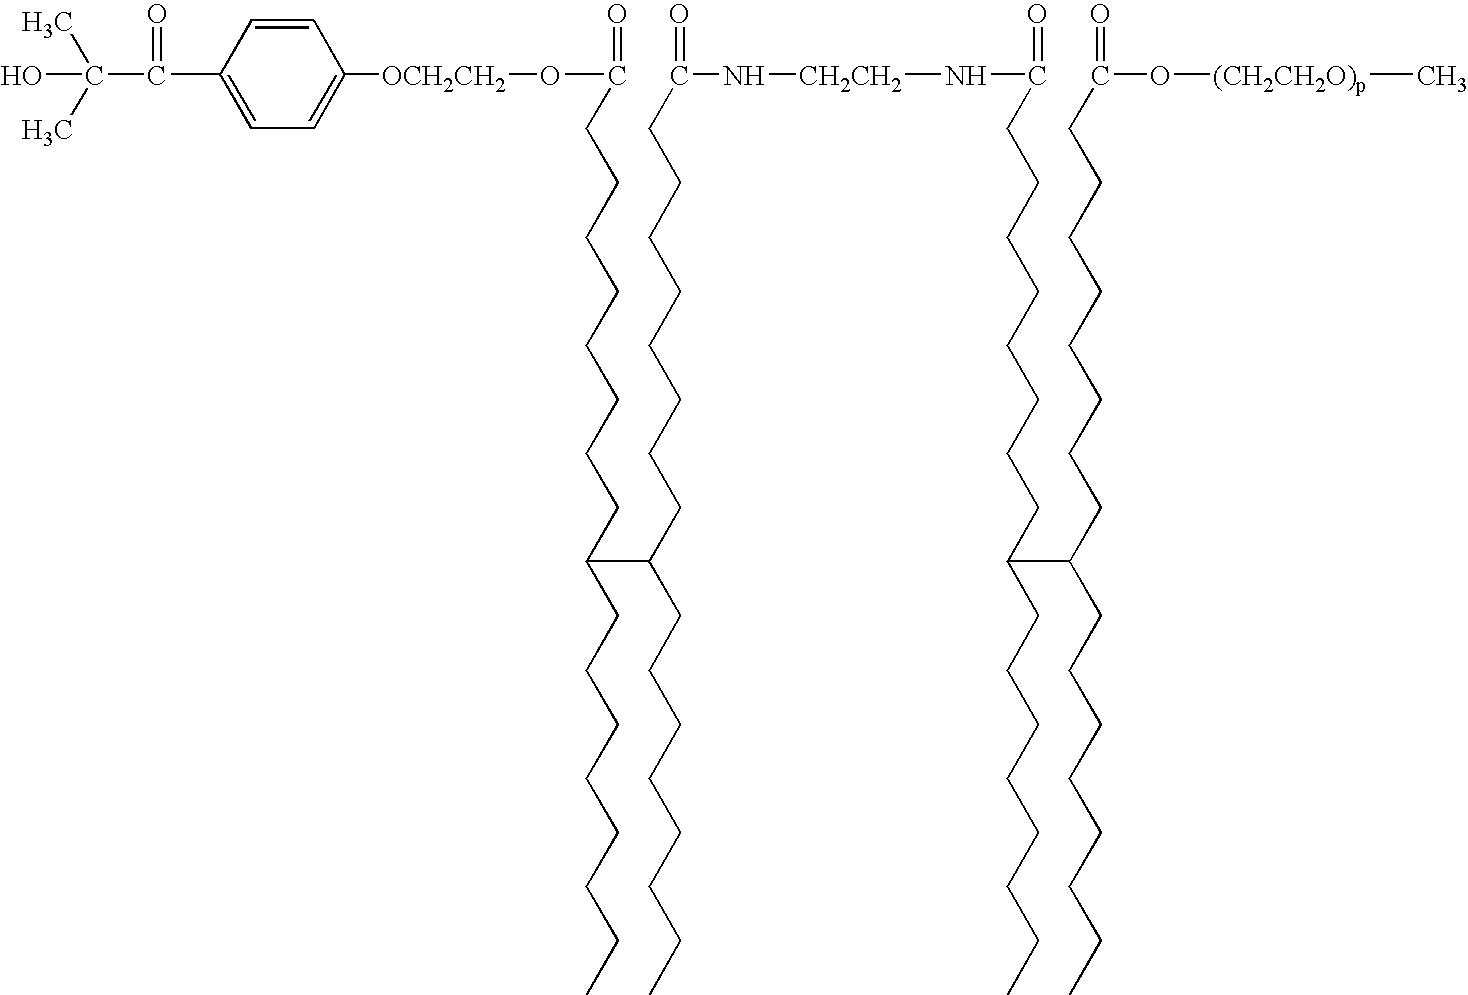 Figure US07279587-20071009-C00079